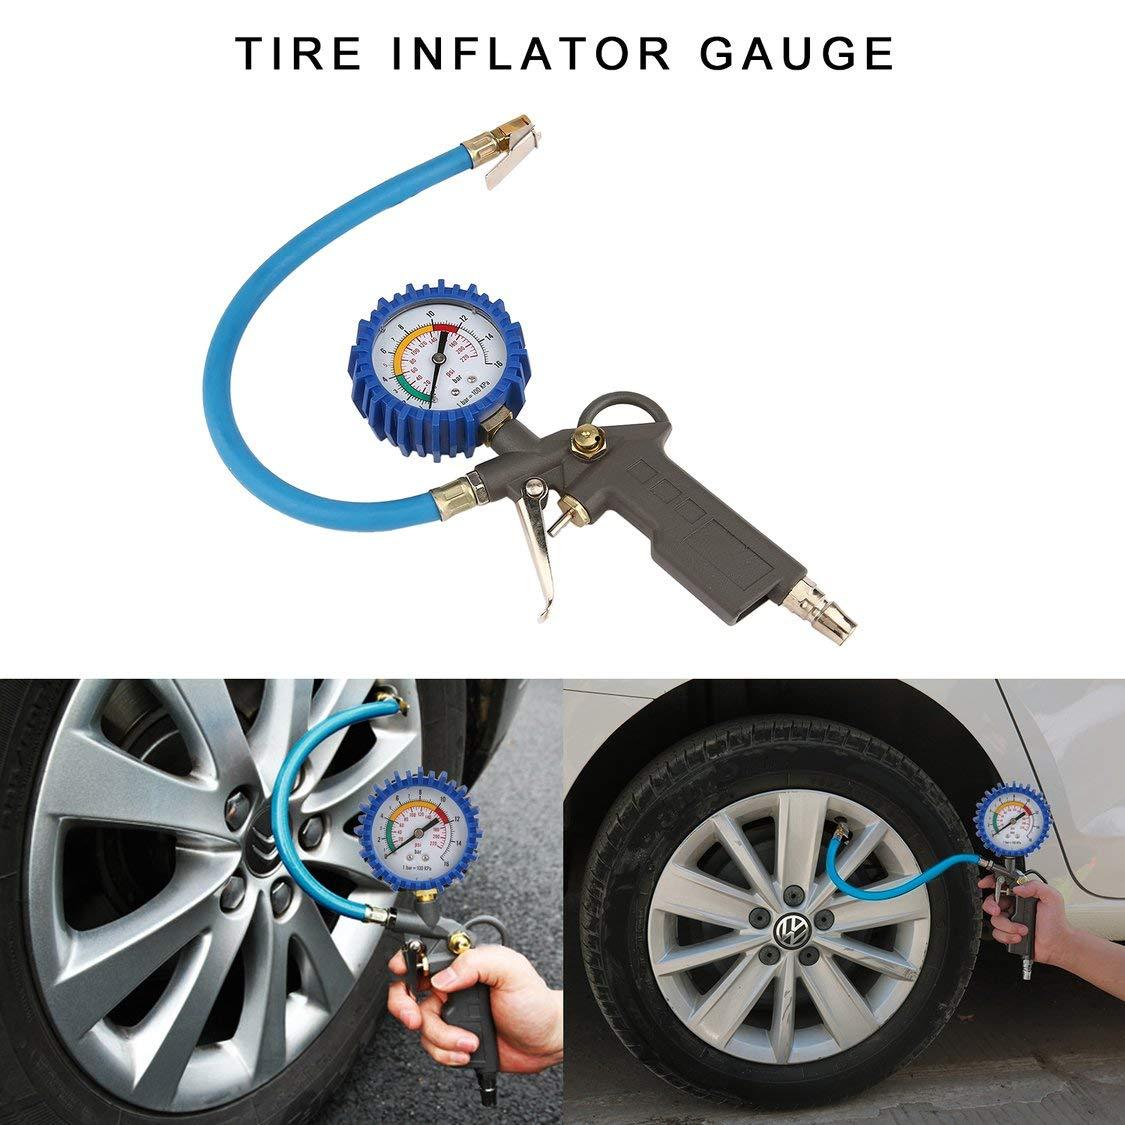 VIGE Hohe Pr/äzision Automobil Reifen Manometer Auto Digital Pneumatische Manometer Reifenf/üller Manometer Reifendruck/überwachung Blau /& Schwarz